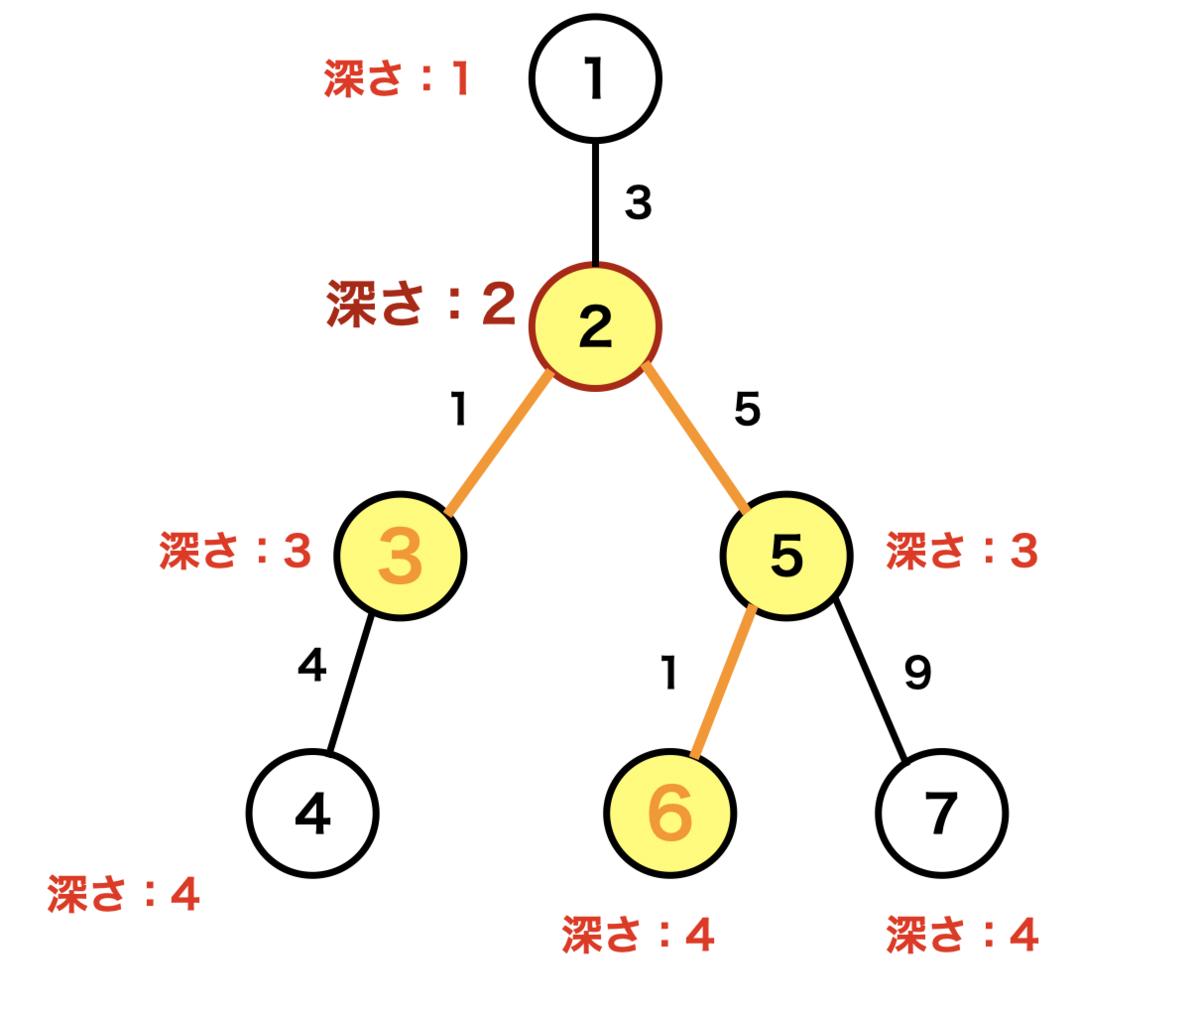 f:id:wk1080id:20200530003402p:plain:w500